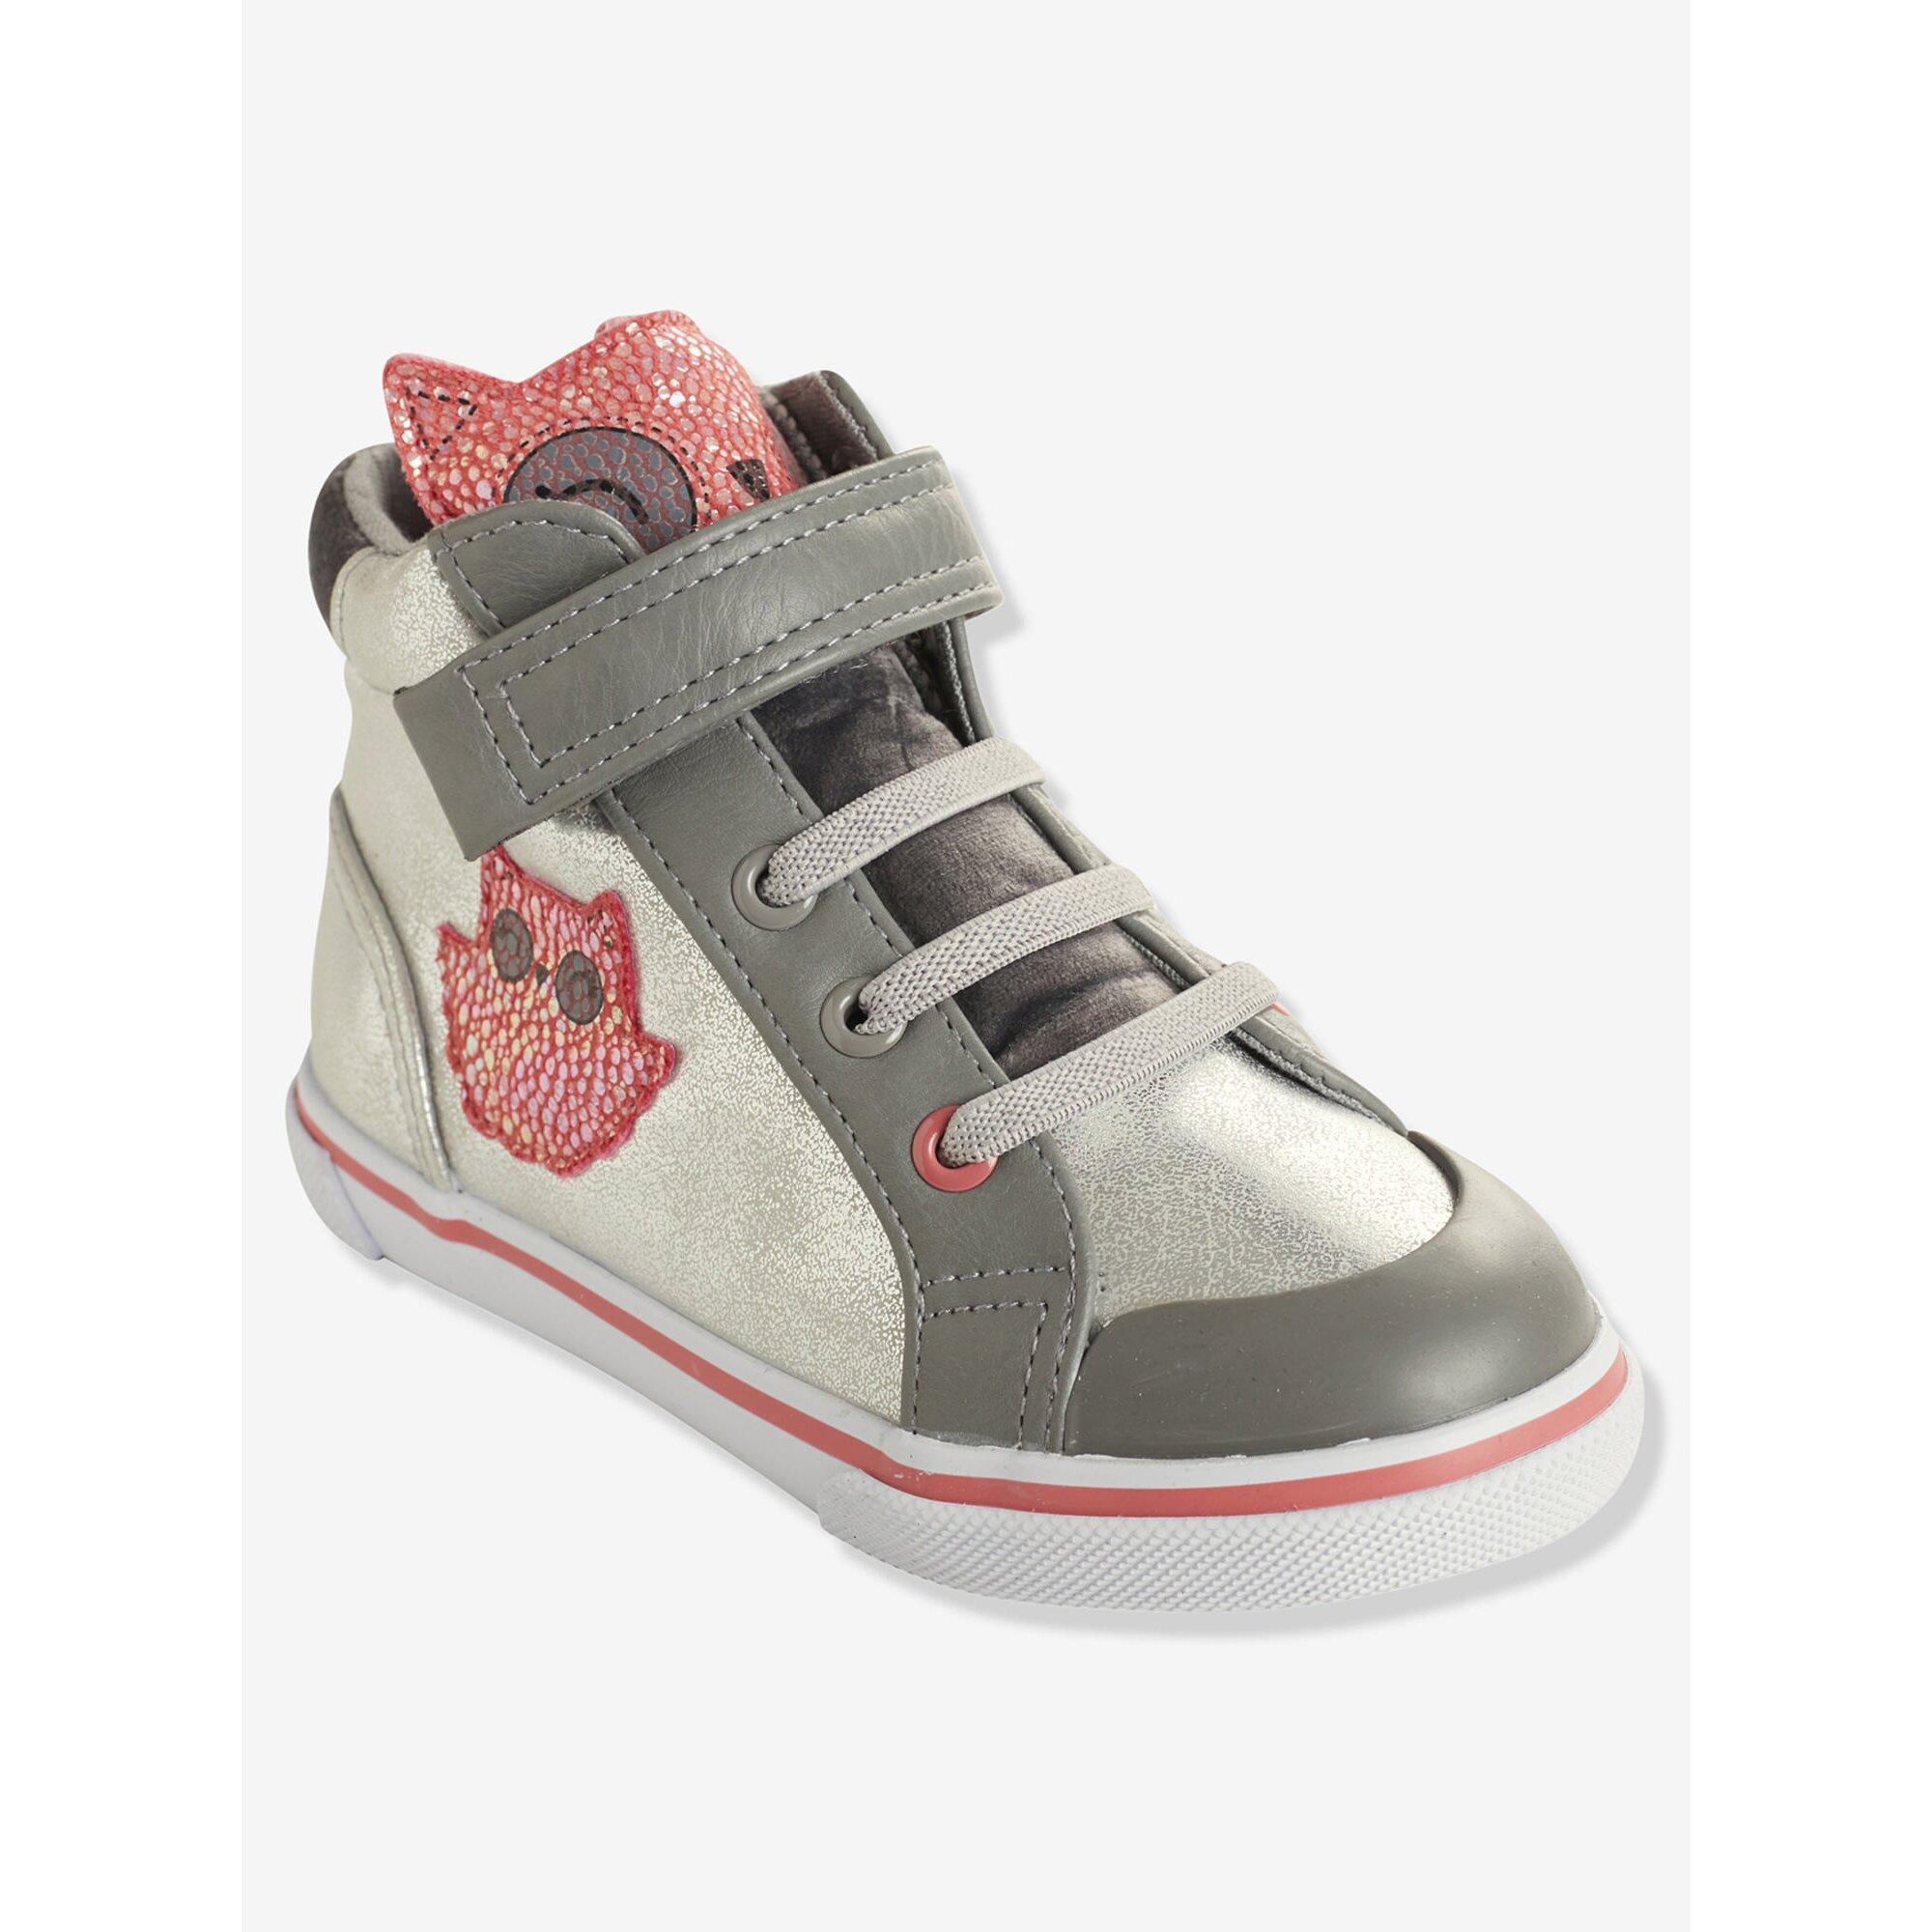 vertbaudet-sneakers-fur-madchen-elastische-schnurung